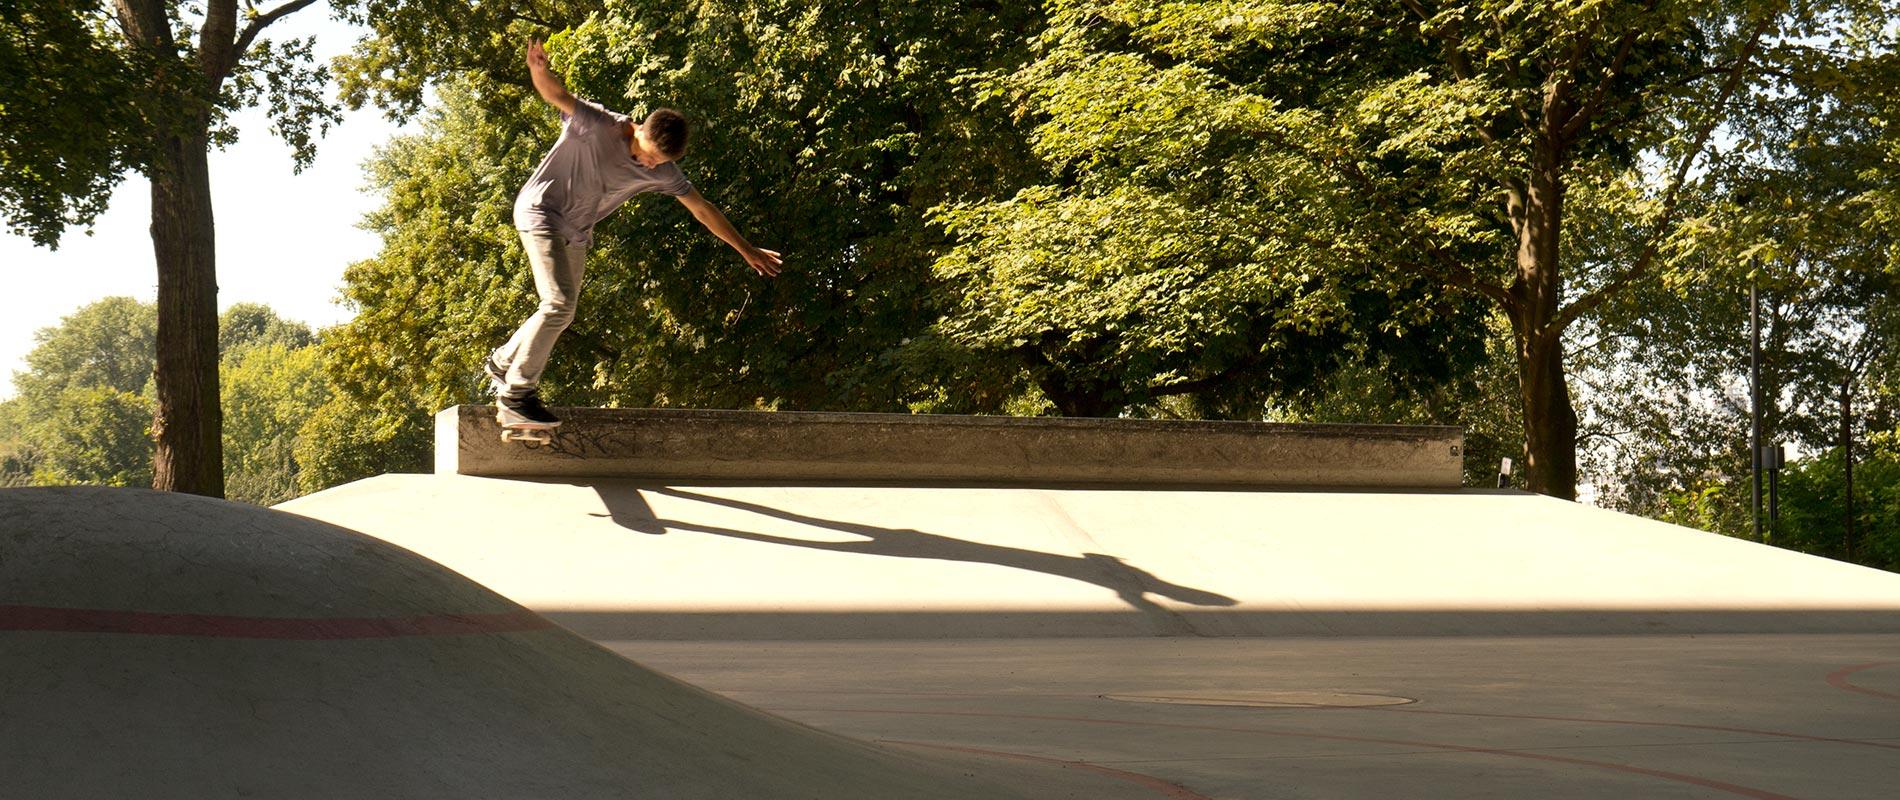 X-Move Skateanlagen Skateparks aus Ortbeton und Fertigteilen - Planung Umsetzung und Bau